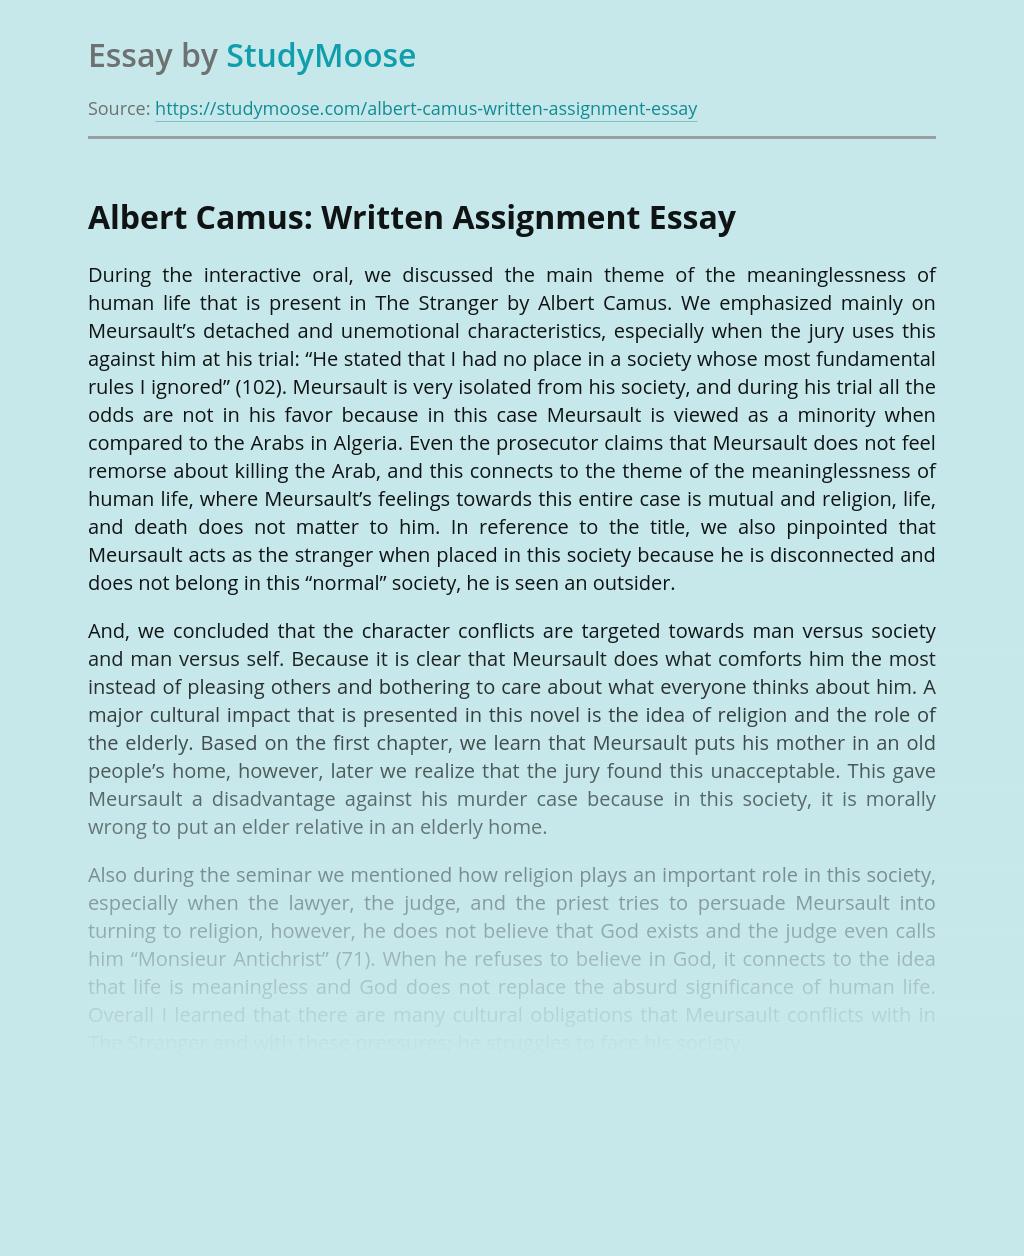 Albert Camus: Written Assignment